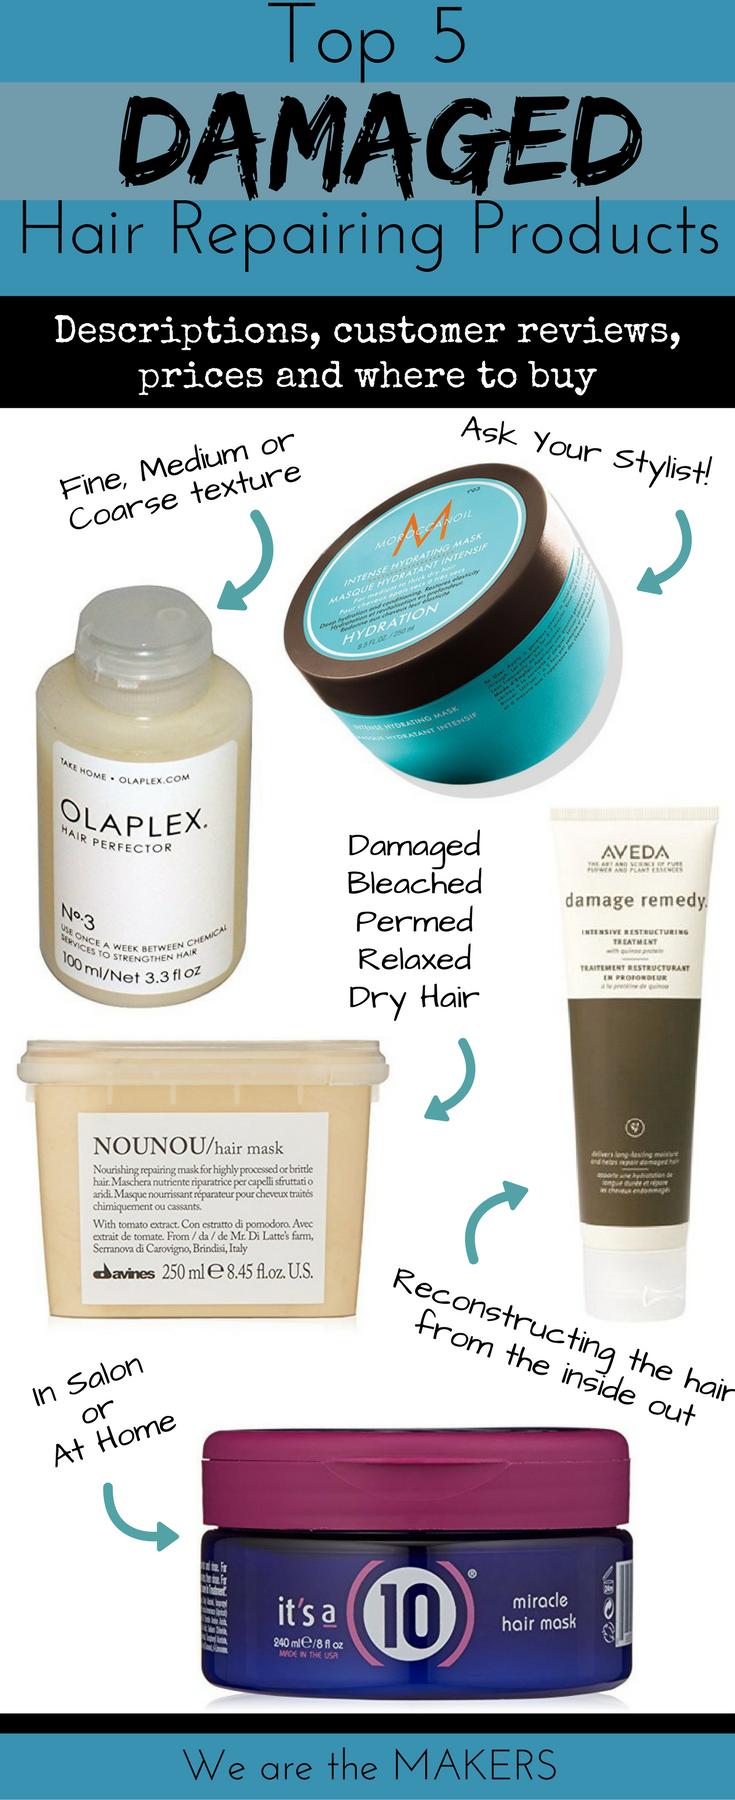 Top 5 Products For Damaged Hair Repair Hair Repair Damaged Hair